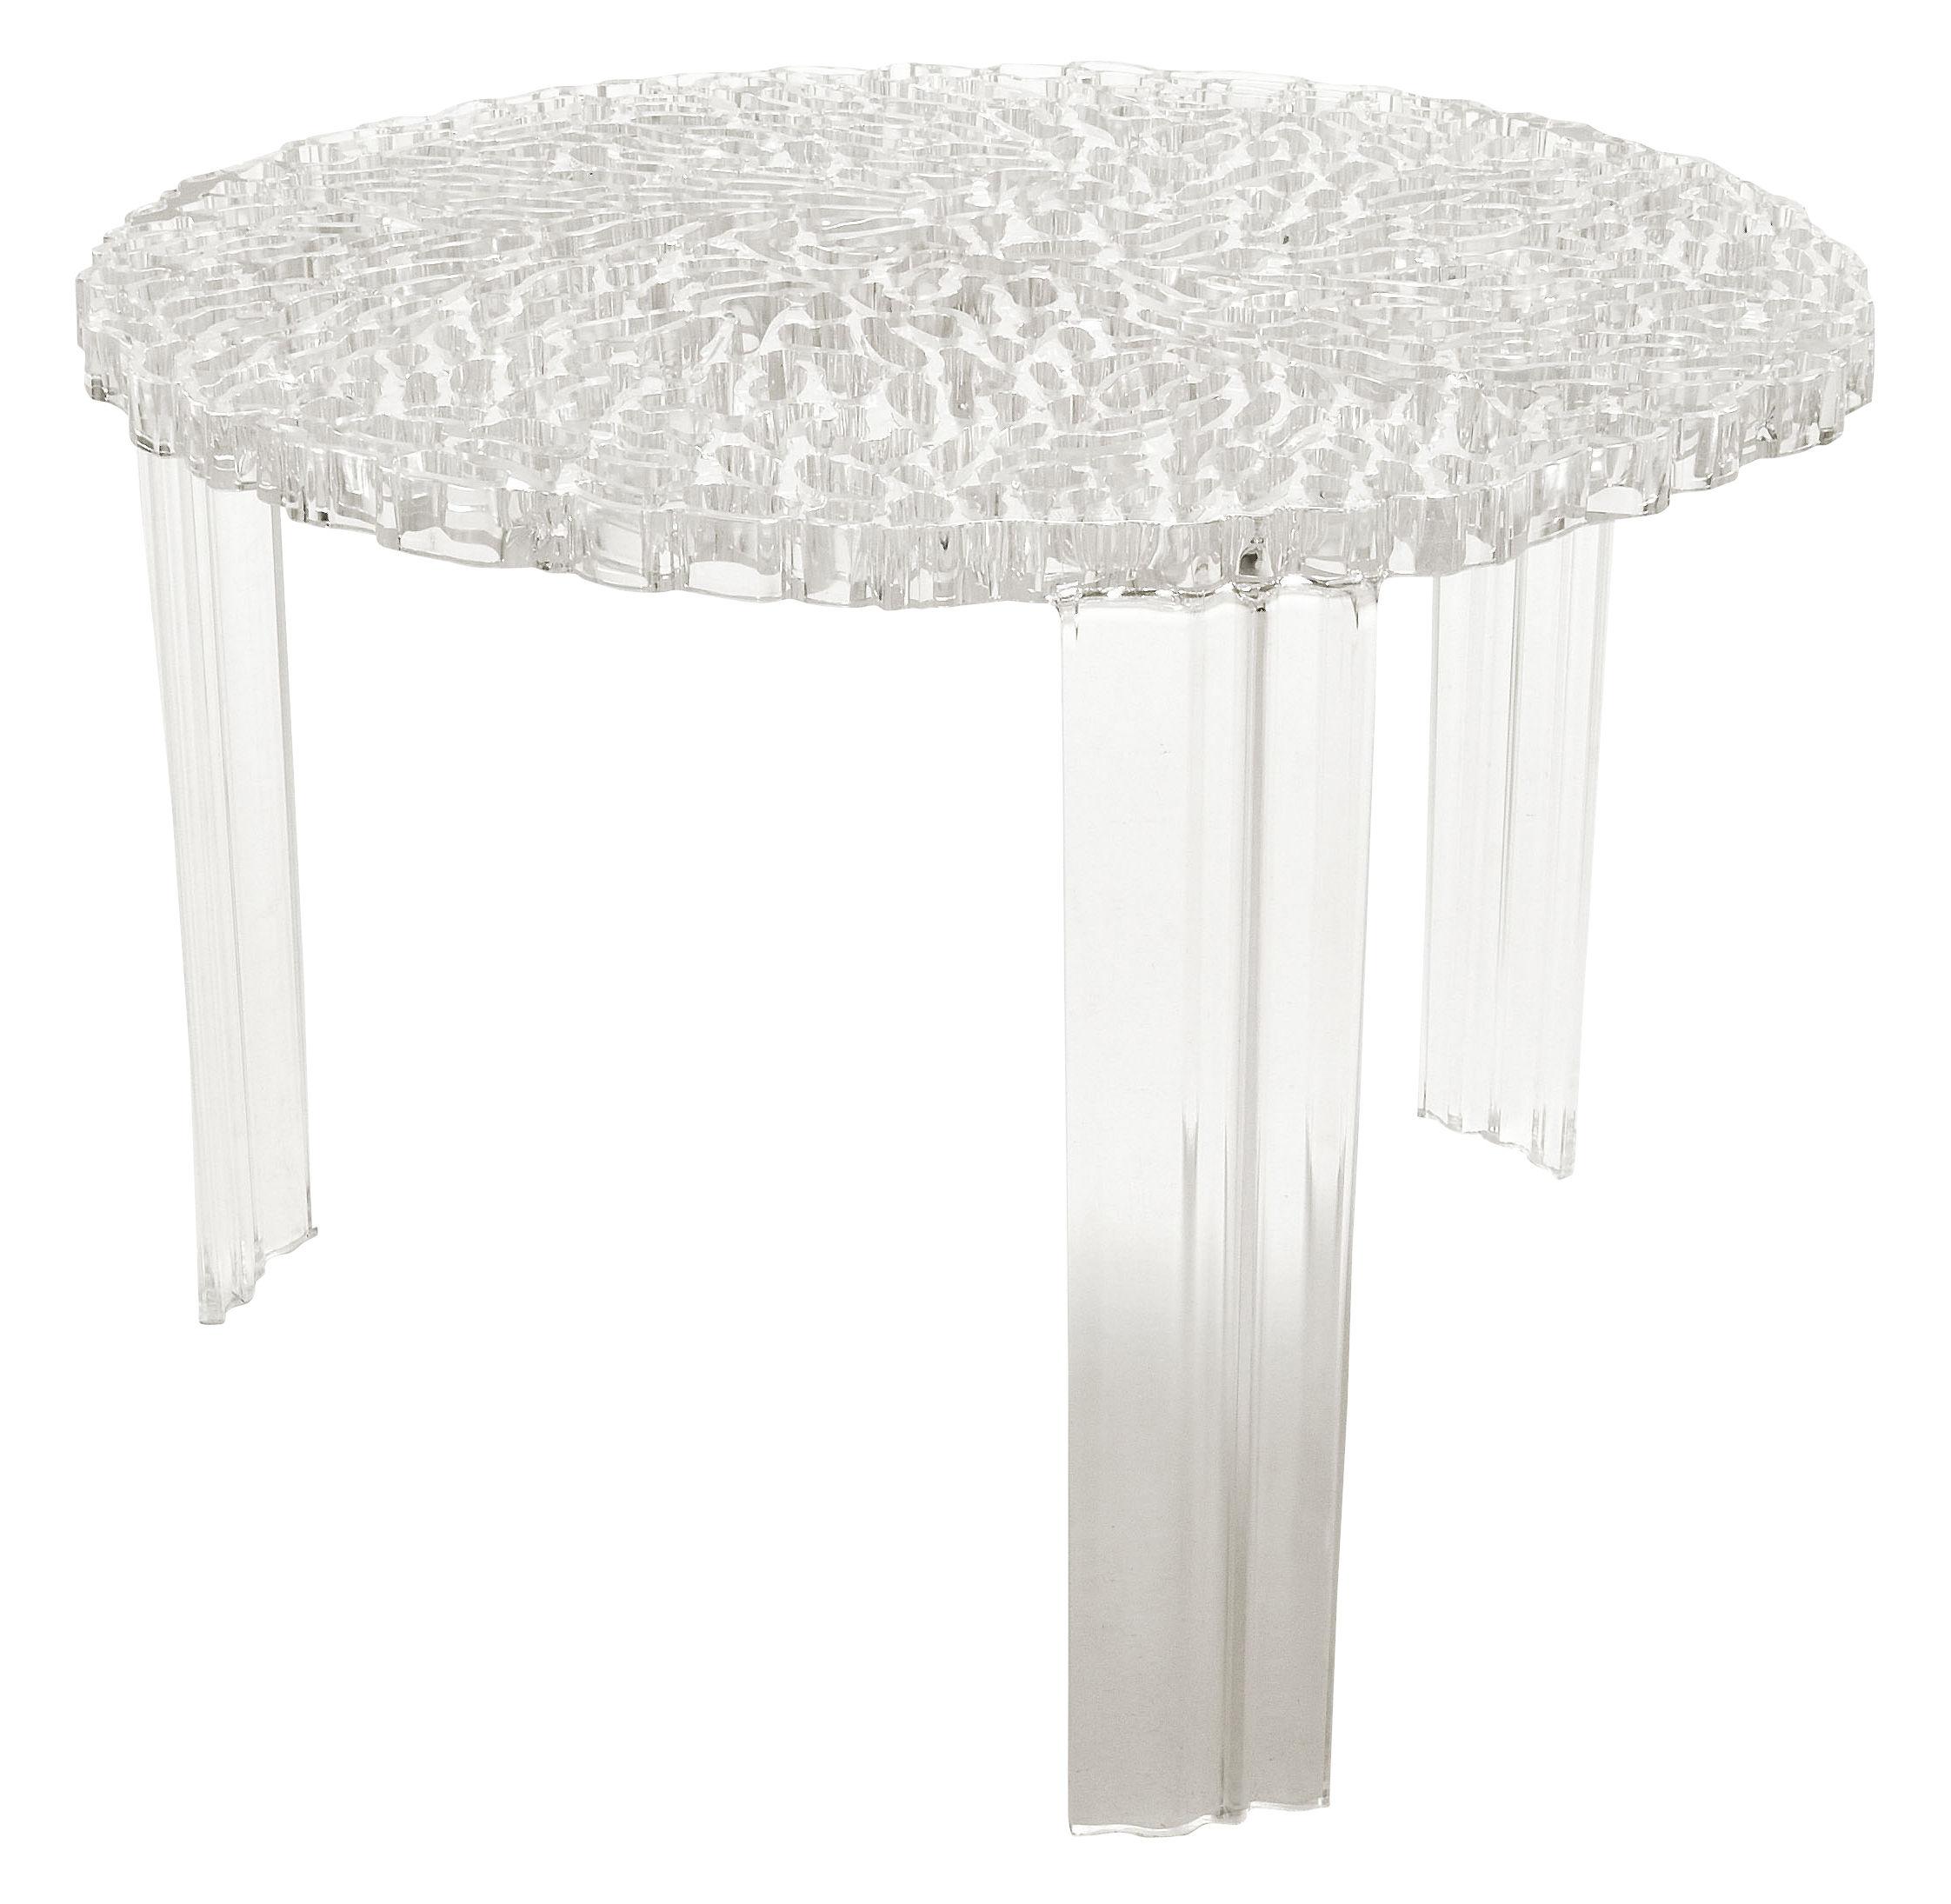 Möbel - Couchtische - T-Table Medio Couchtisch - Kartell - Kristall - PMMA